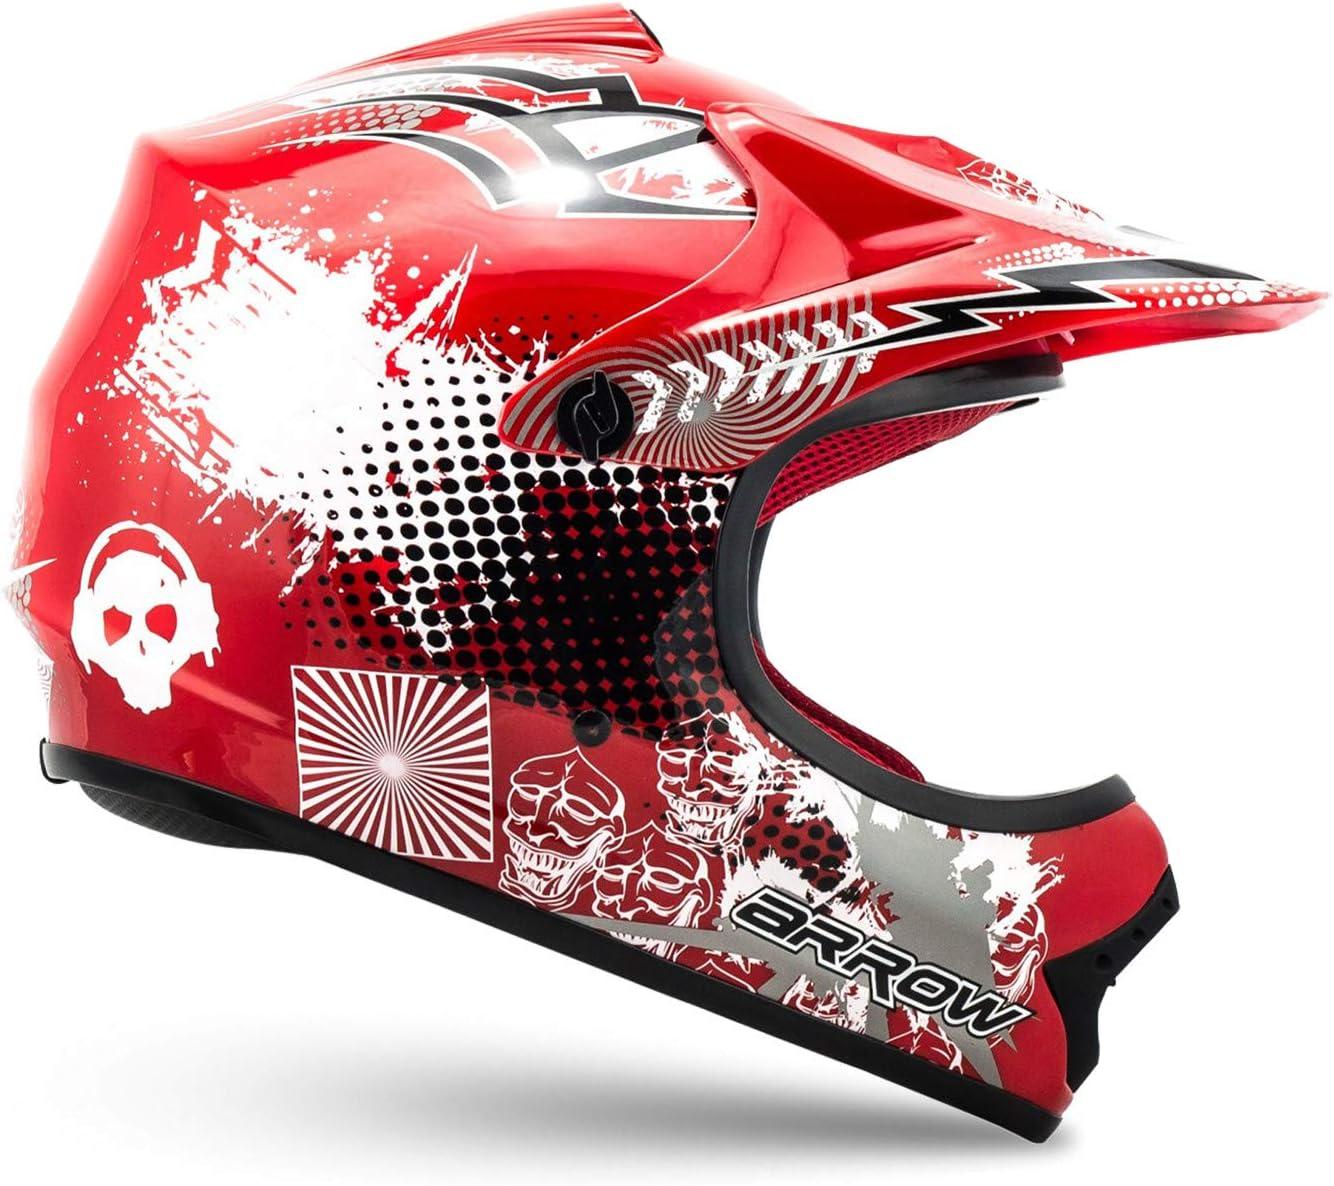 XS Azul Bolsa de transporte ARMOR Helmets AKC-49 Set Casco Moto-Cross DOT certificado 51-52cm